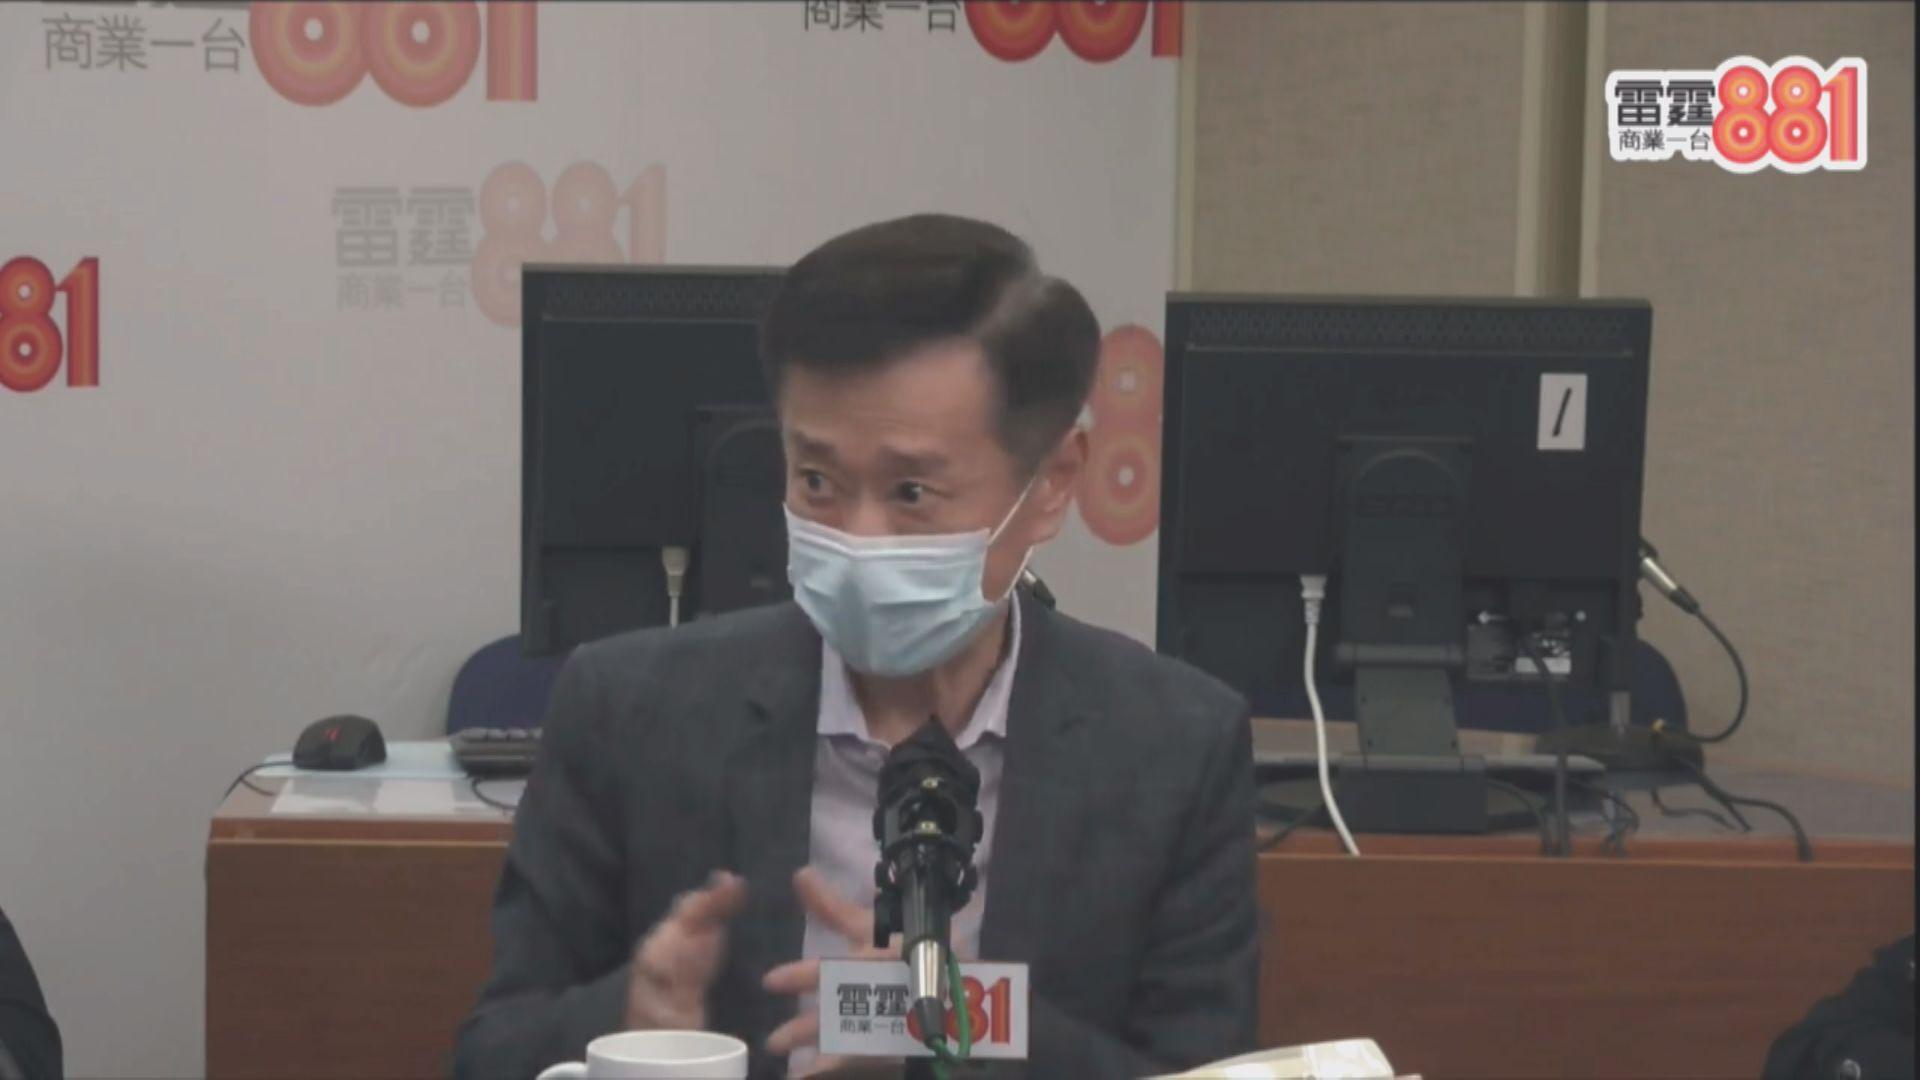 姚思榮:國泰事件是旅遊業裁員潮開始